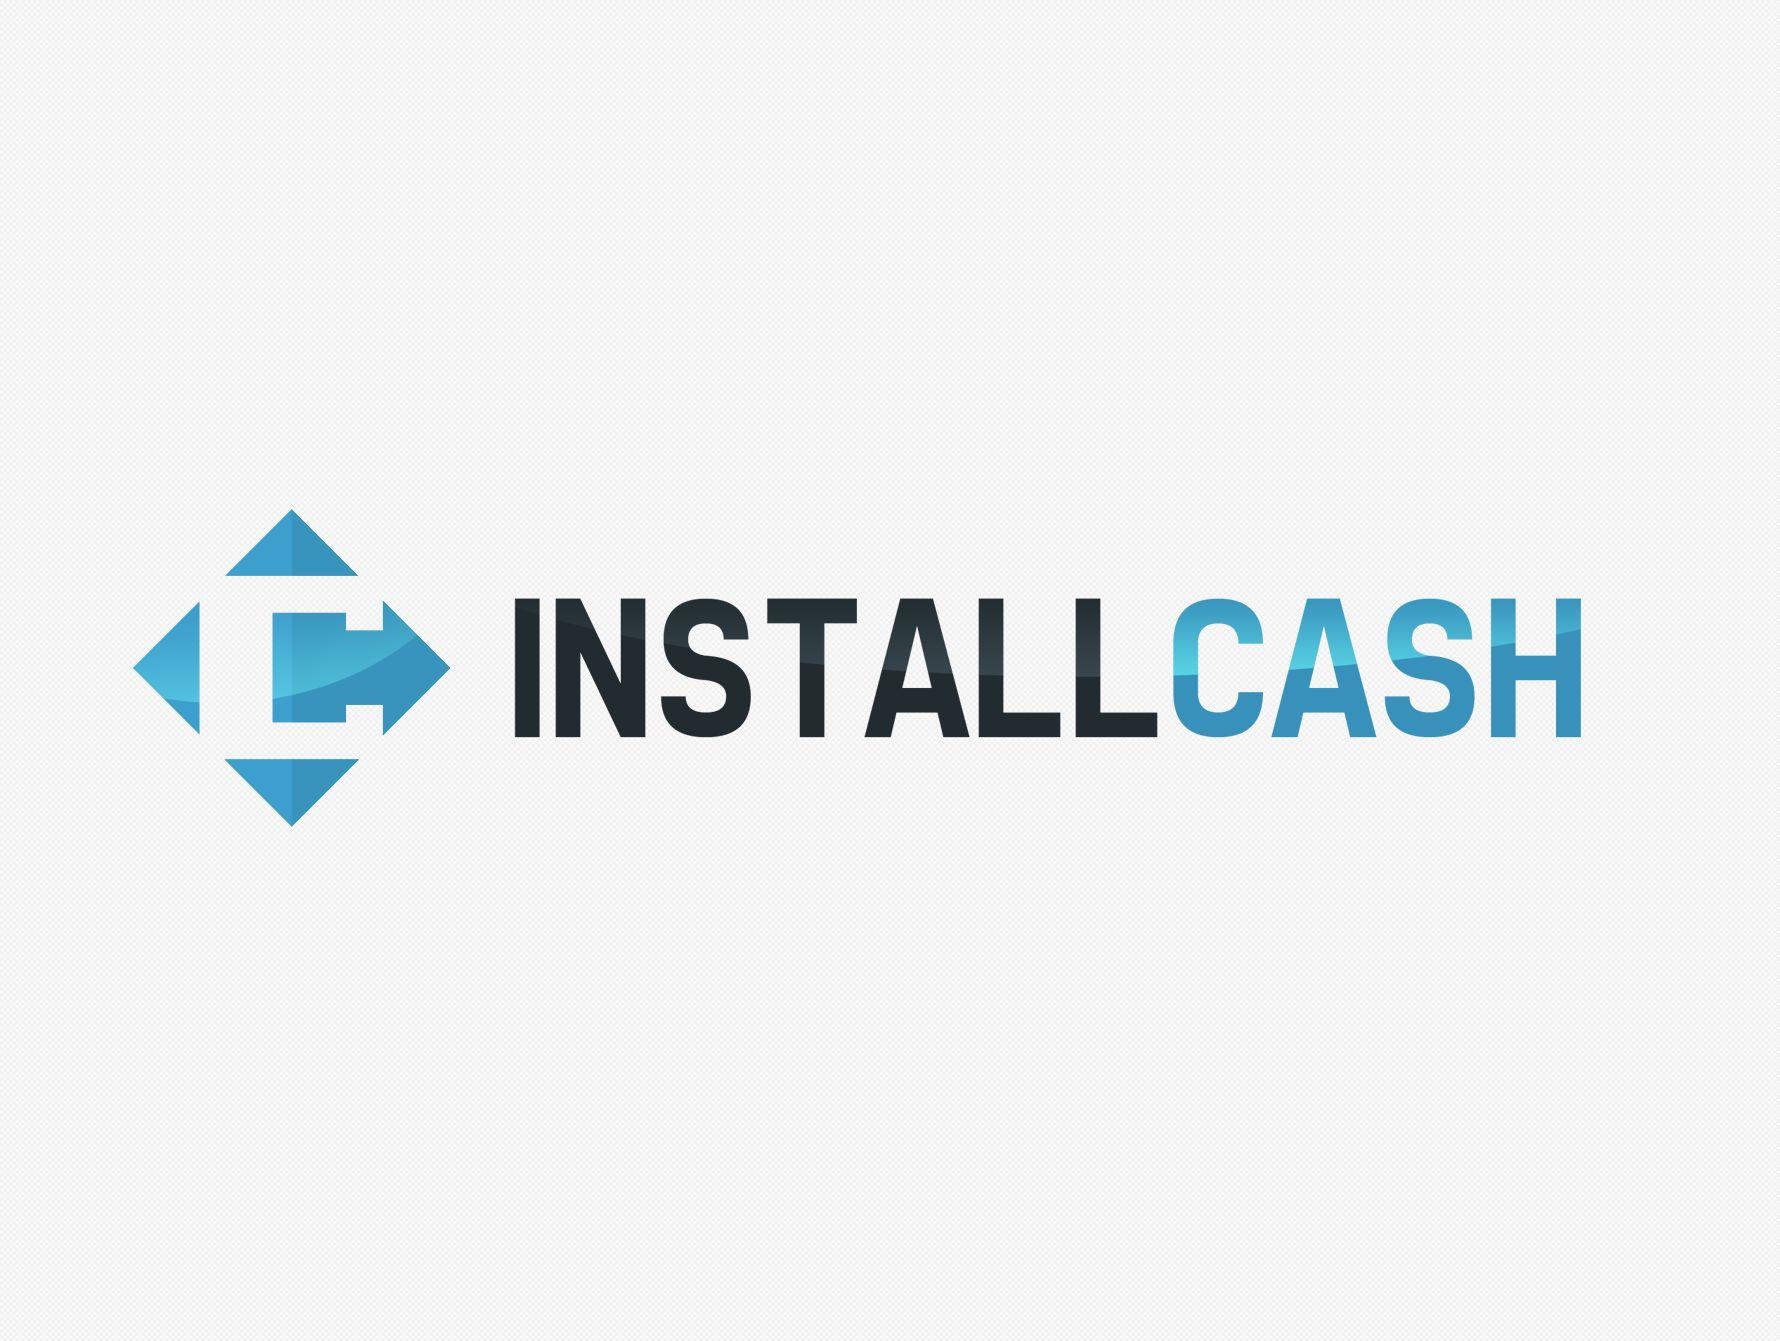 Логотип для партнерской программы InstallCash - дизайнер pensero